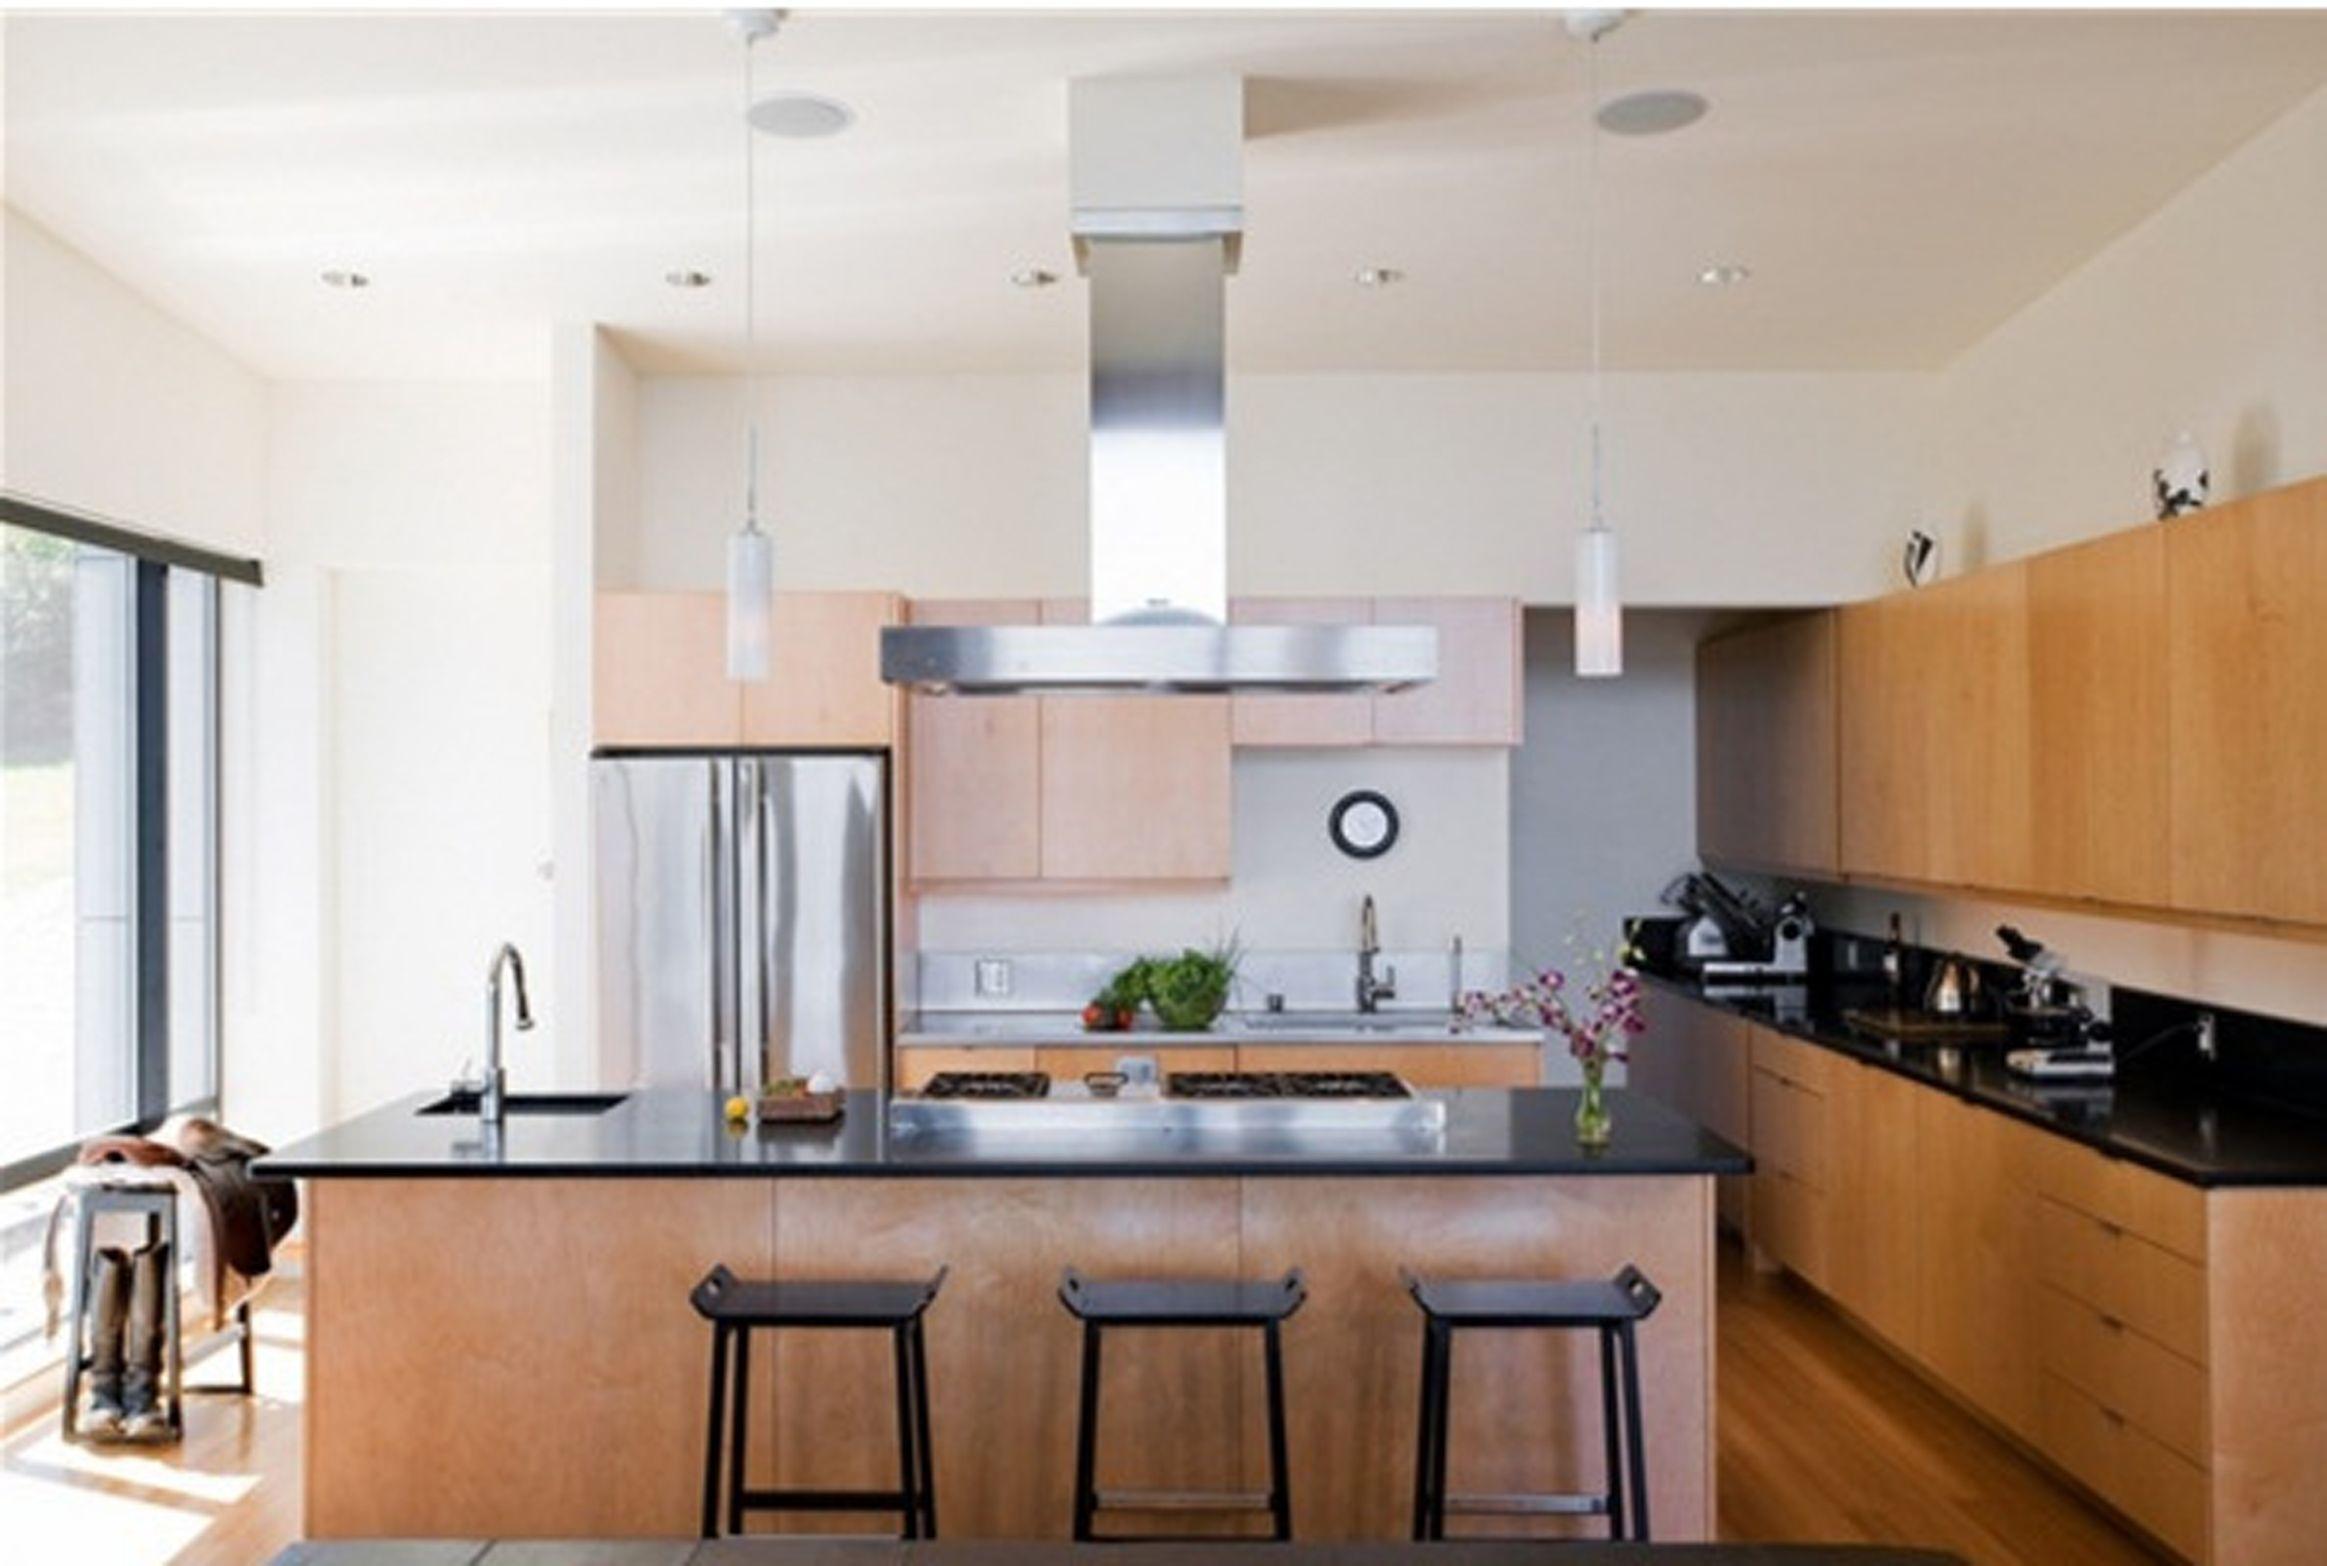 kitchen design ideas small kitchen design gallery ideas